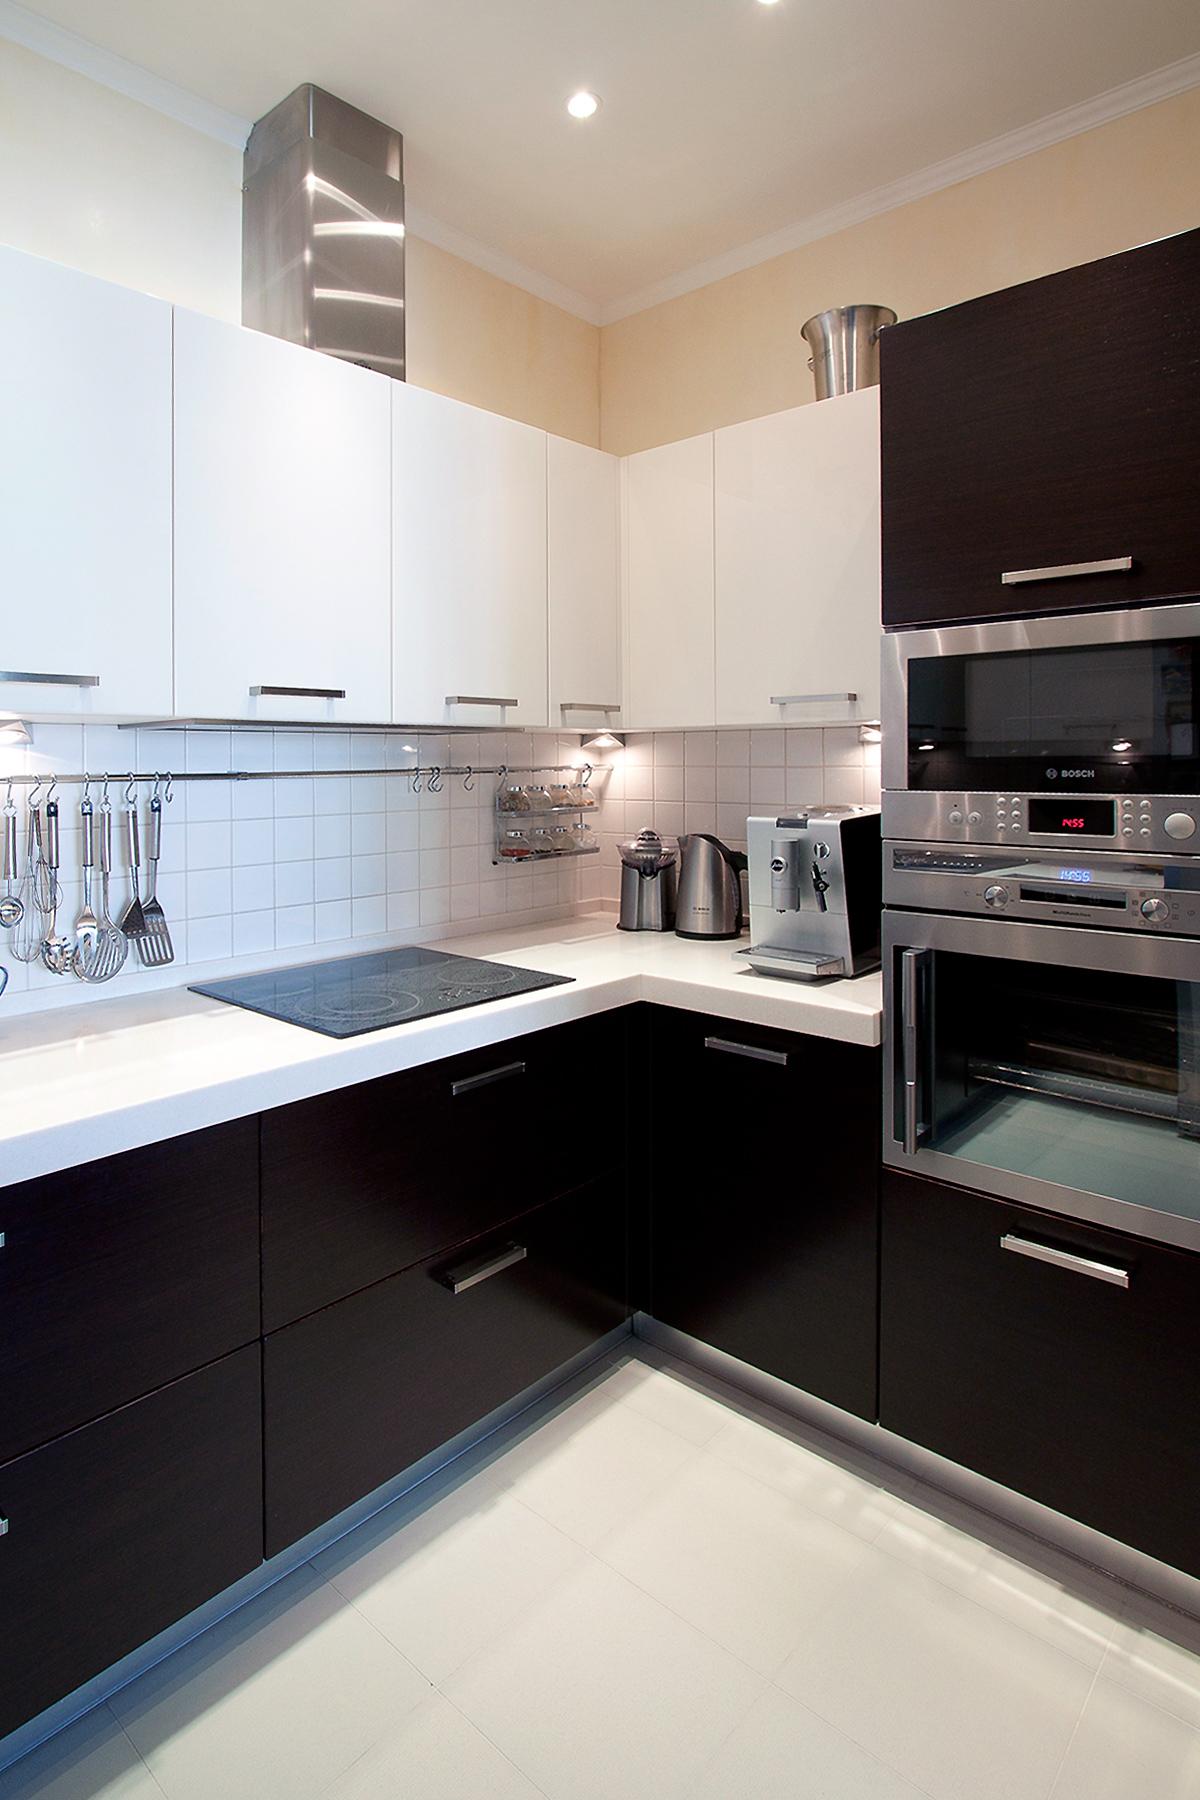 Черно-белая кухня 7 кв м в стиле хай-тек